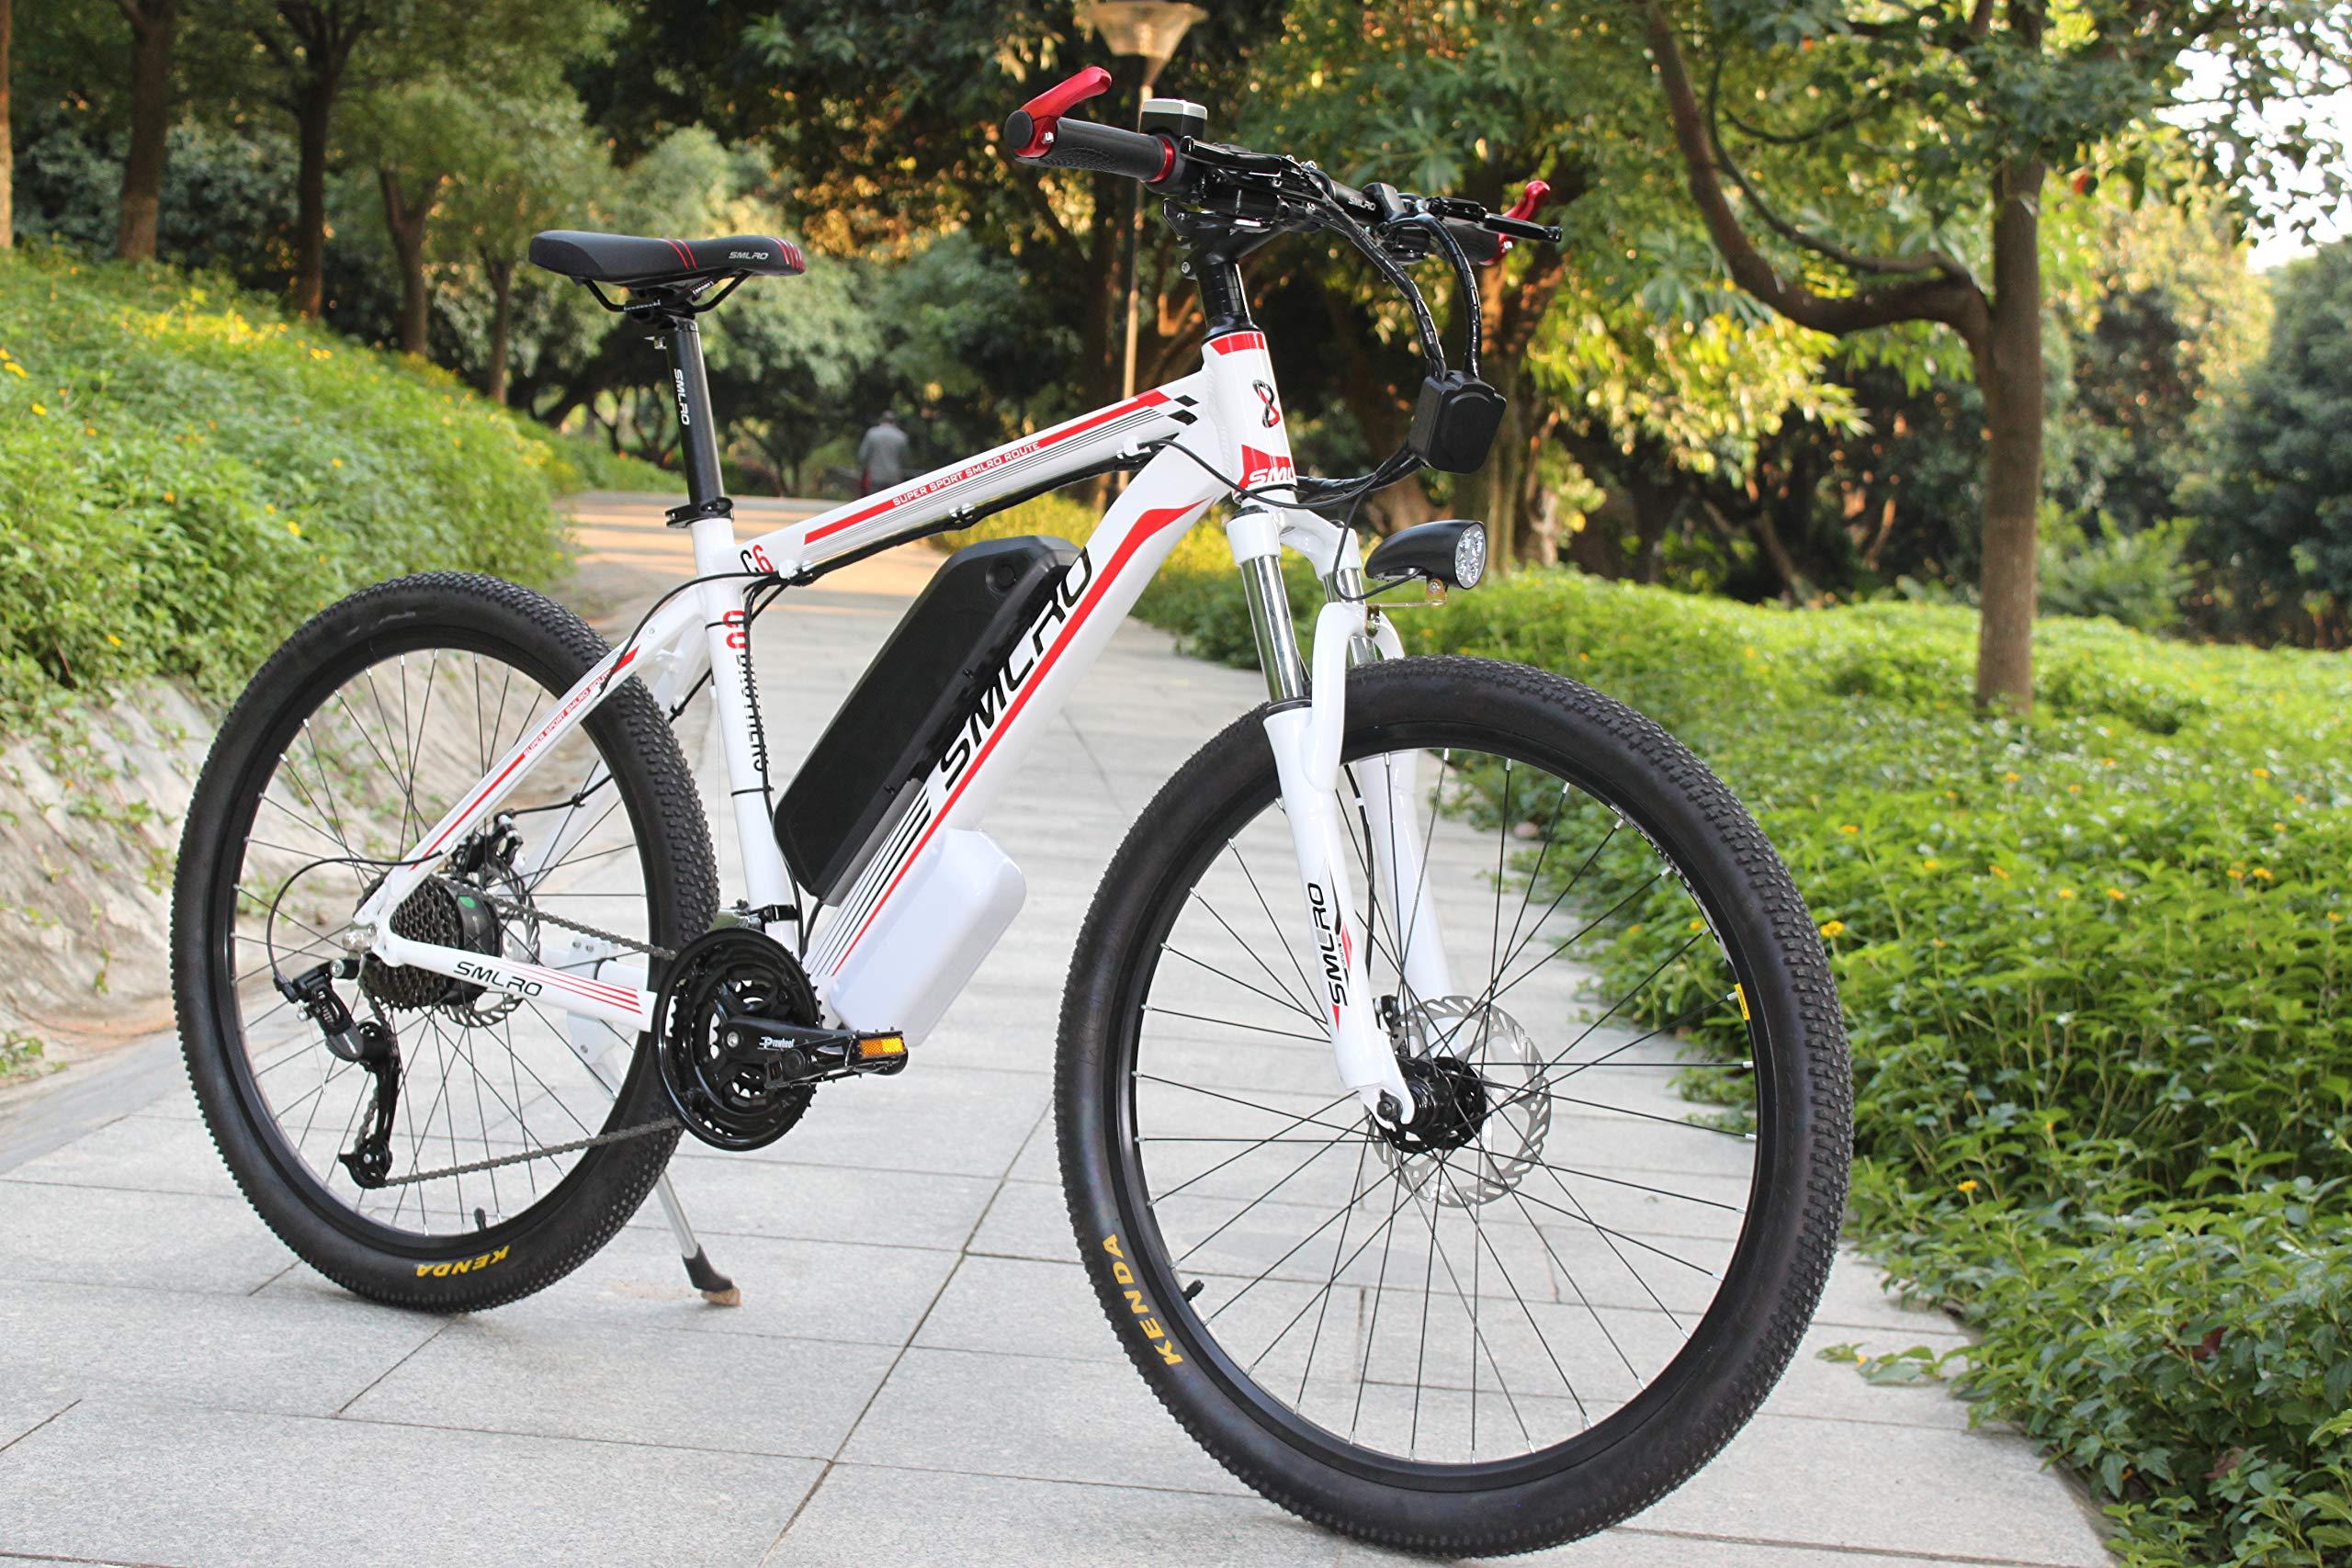 SMLRO Bicicleta de Montaña Eléctrica, Bicicleta Eléctrica 1000W 26 con Batería Extraíble de Iones de Litio de 48V 15 AH Shimano 27 Speed Gear (Blanco-Rojo): Amazon.es: Deportes y aire libre